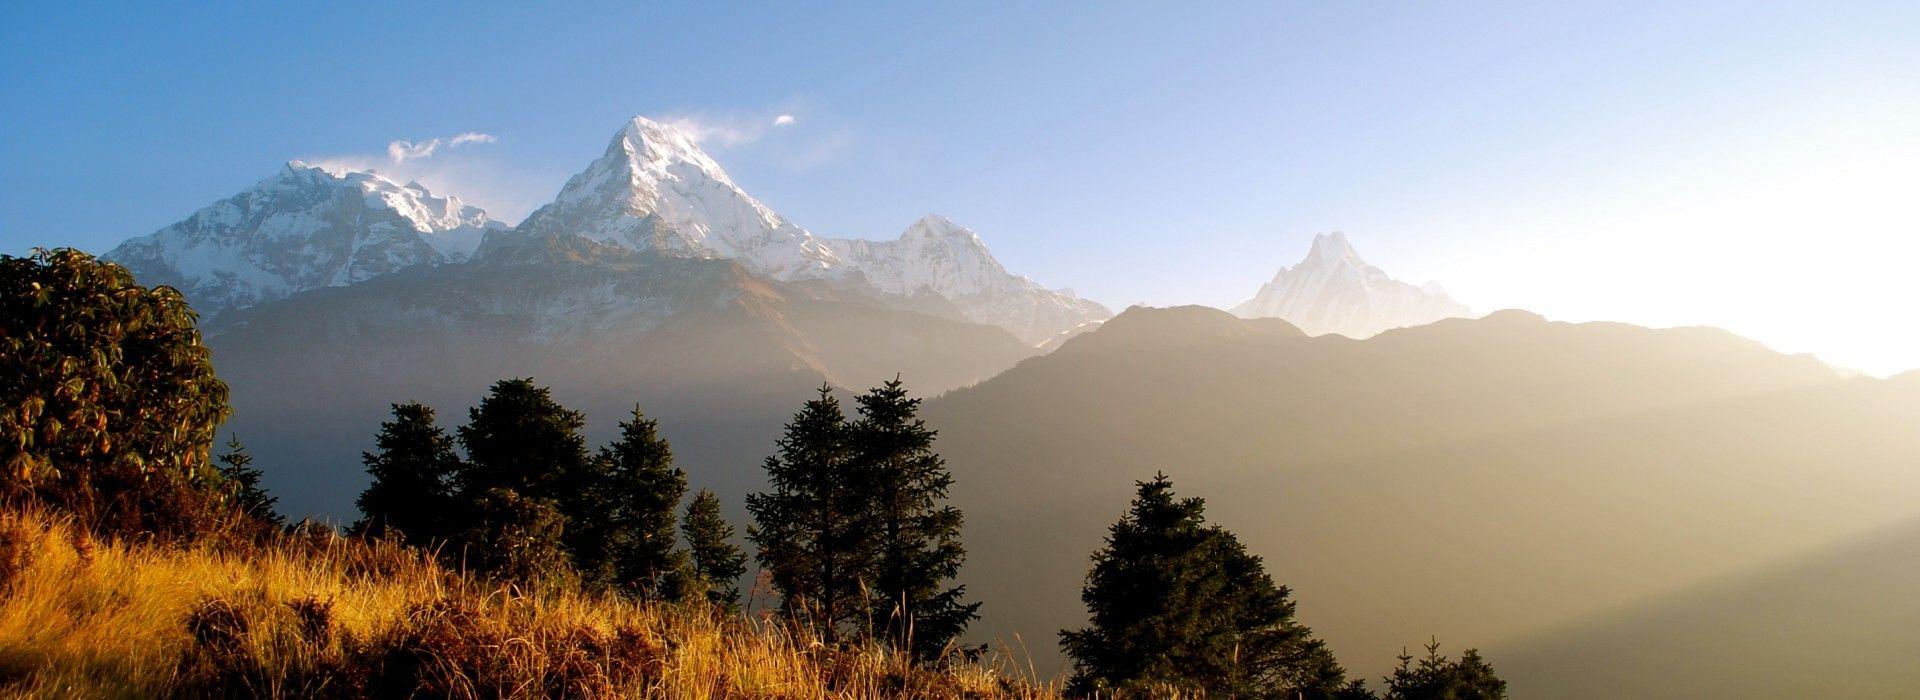 Trekking Tours in Upper Mustang trek